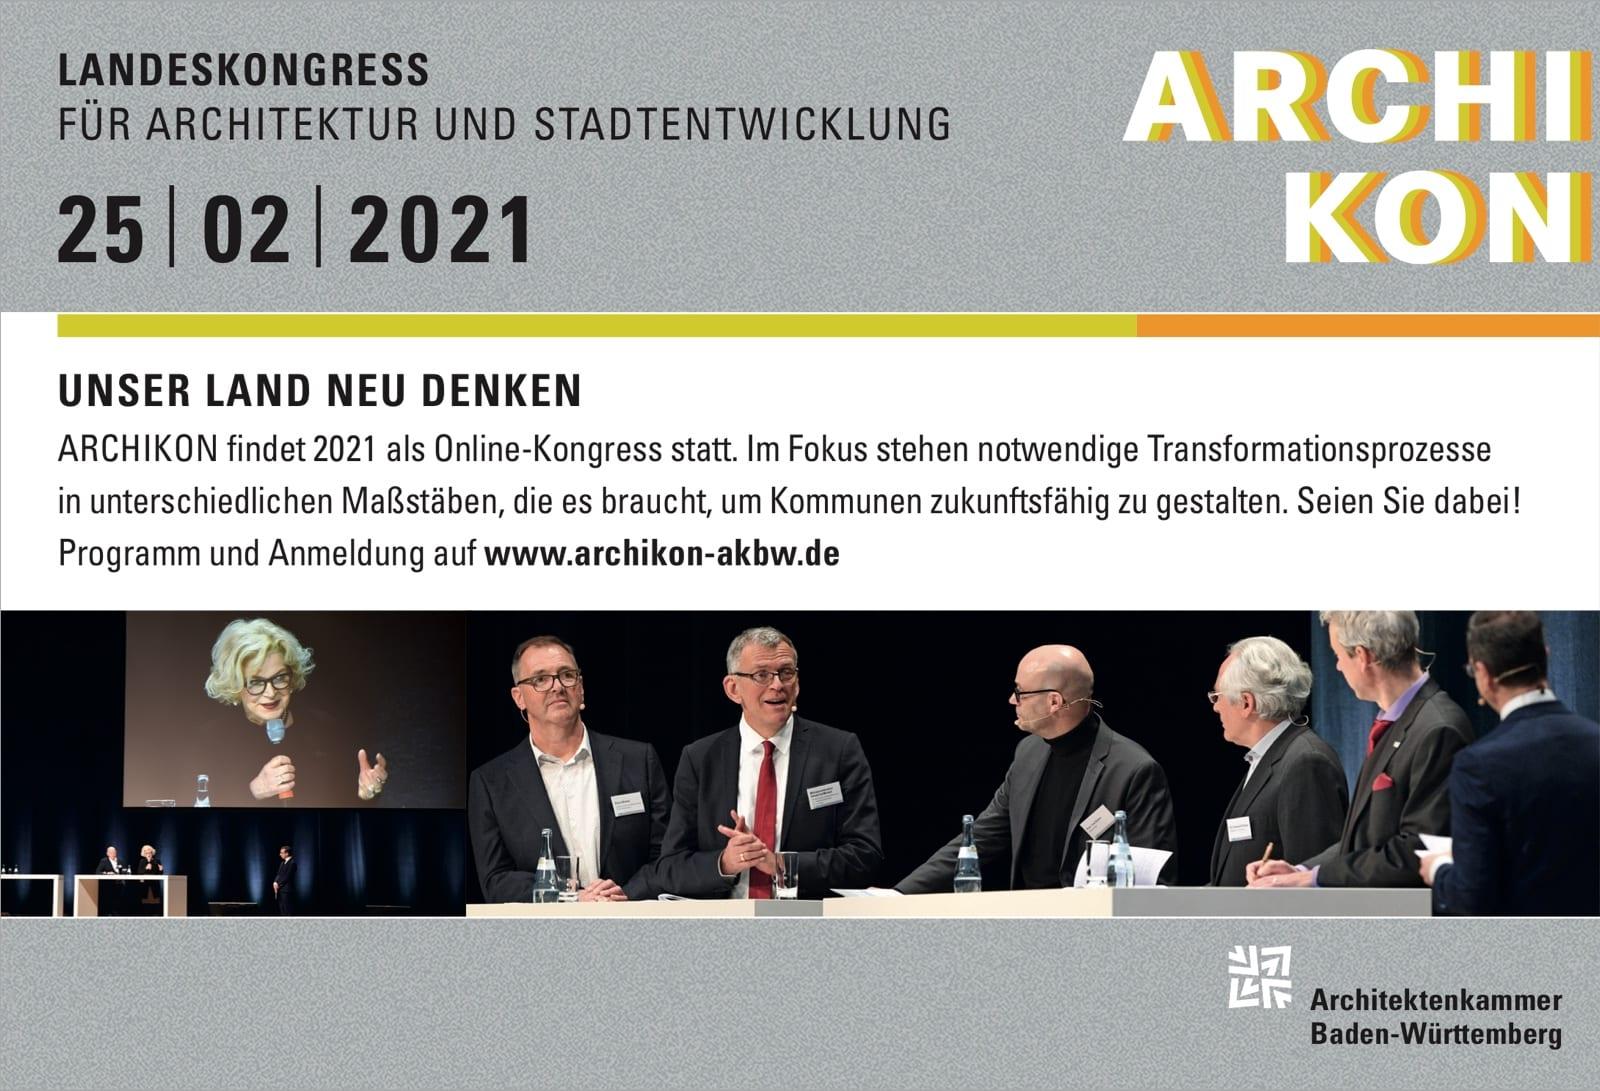 ARCHIKON - Landeskongress für Architektur und Stadtentwicklung 25.02.2021 | Online-Kongress (Grafik: AKBW)